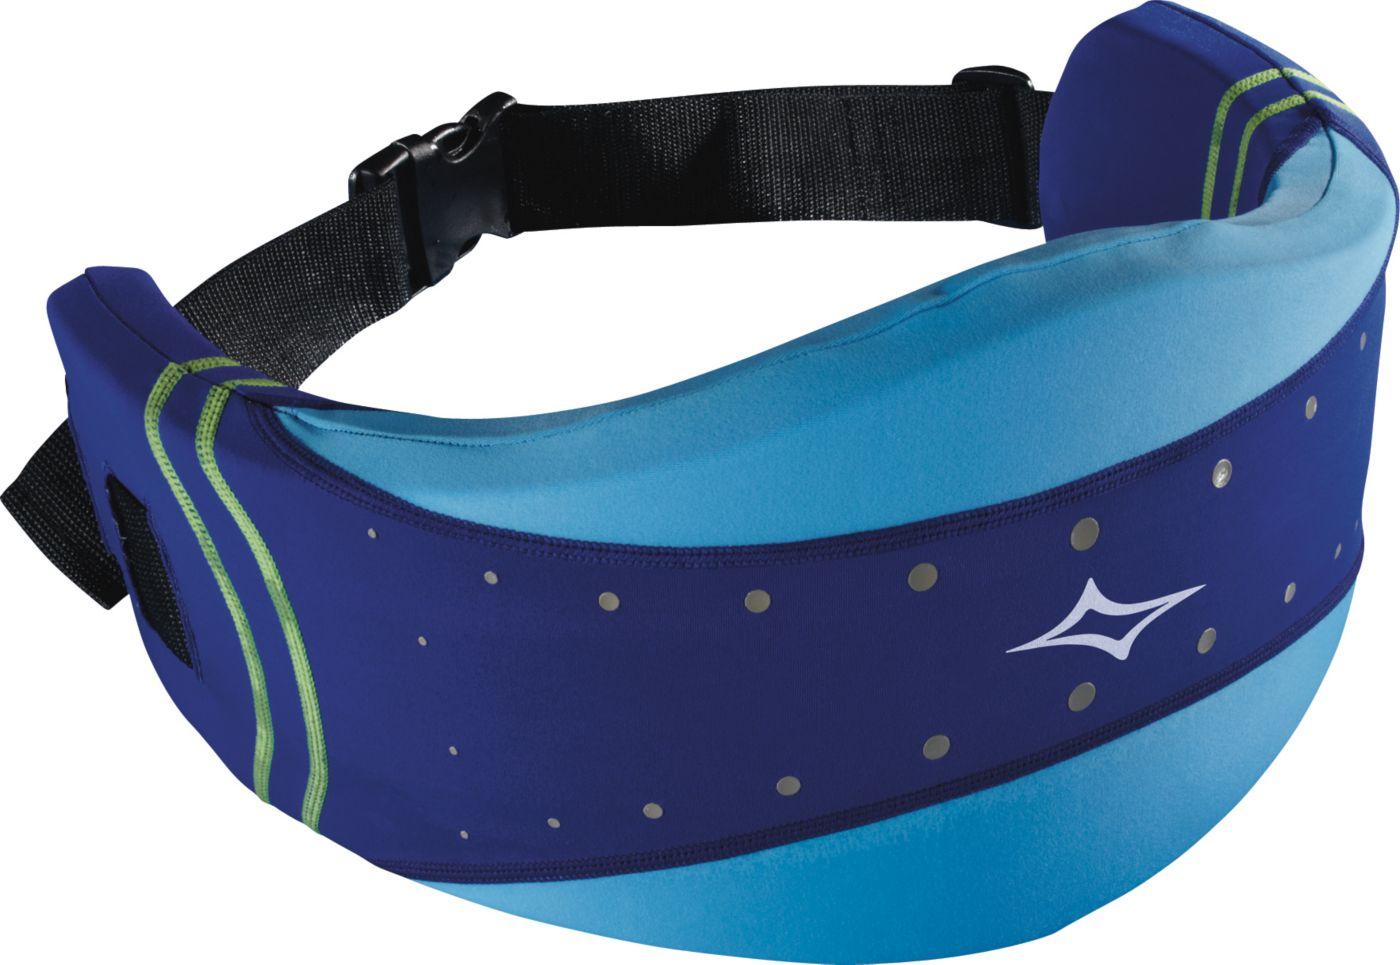 Fitness Gear Water Resistance Belt